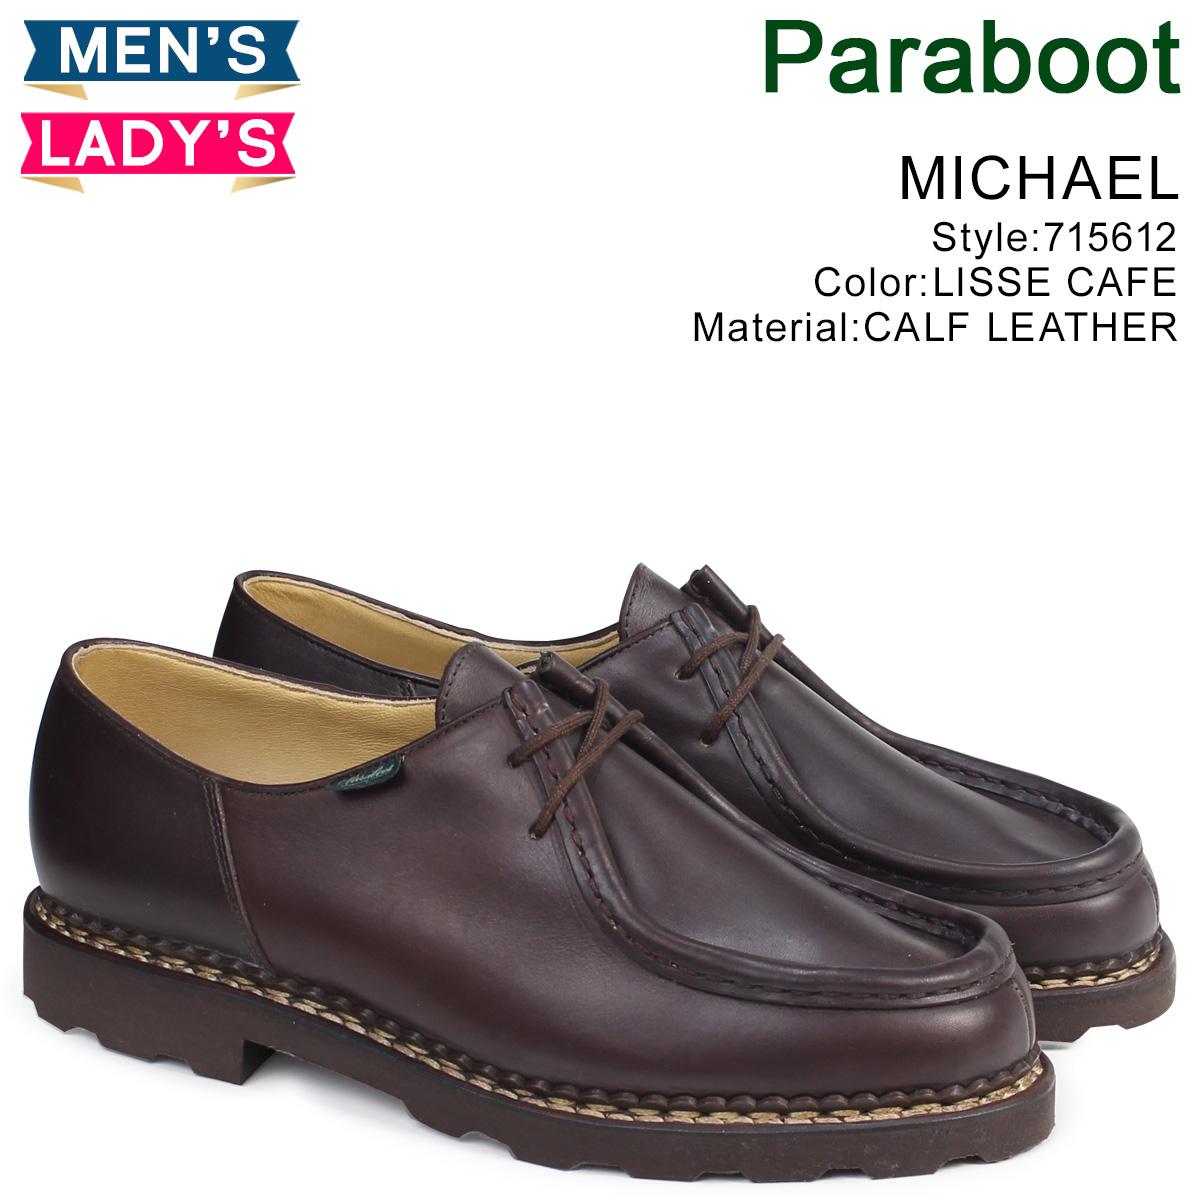 PARABOOT ミカエル パラブーツ MICHAEL シューズ チロリアンシューズ 715612 メンズ レディース 靴 ブラウン